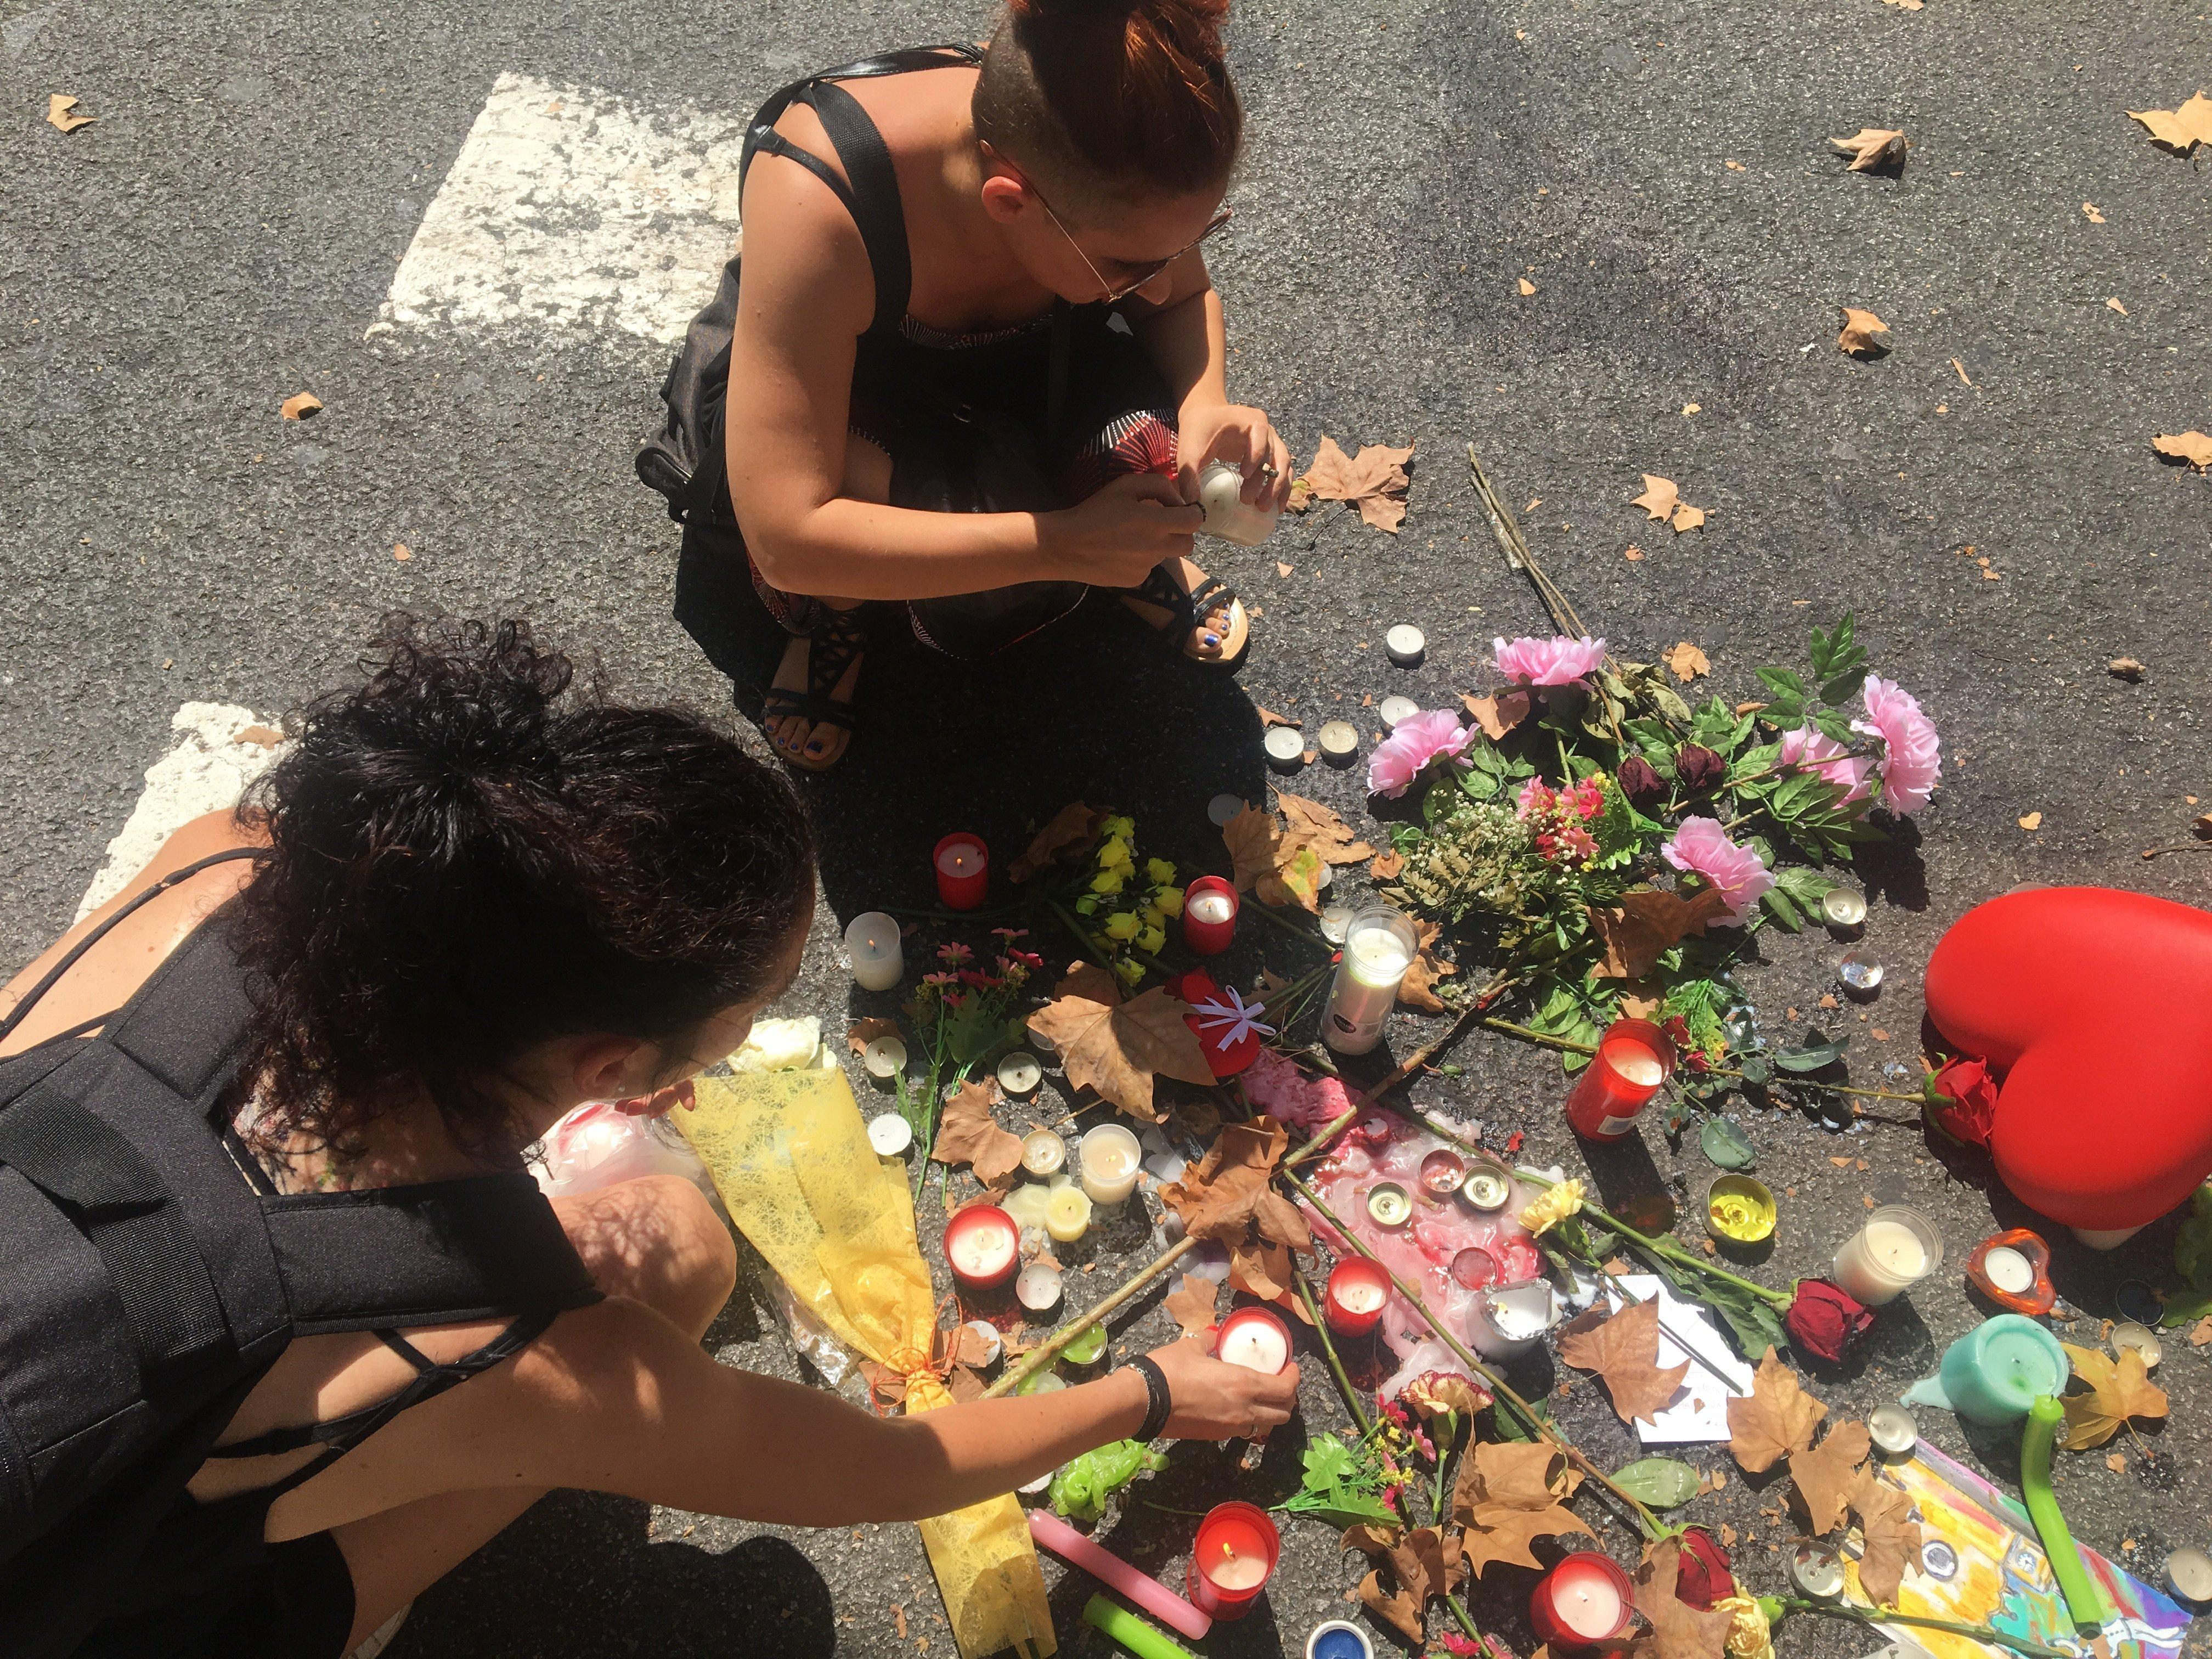 Bougies en hommage aux victimes de l'attentat de Barcelone